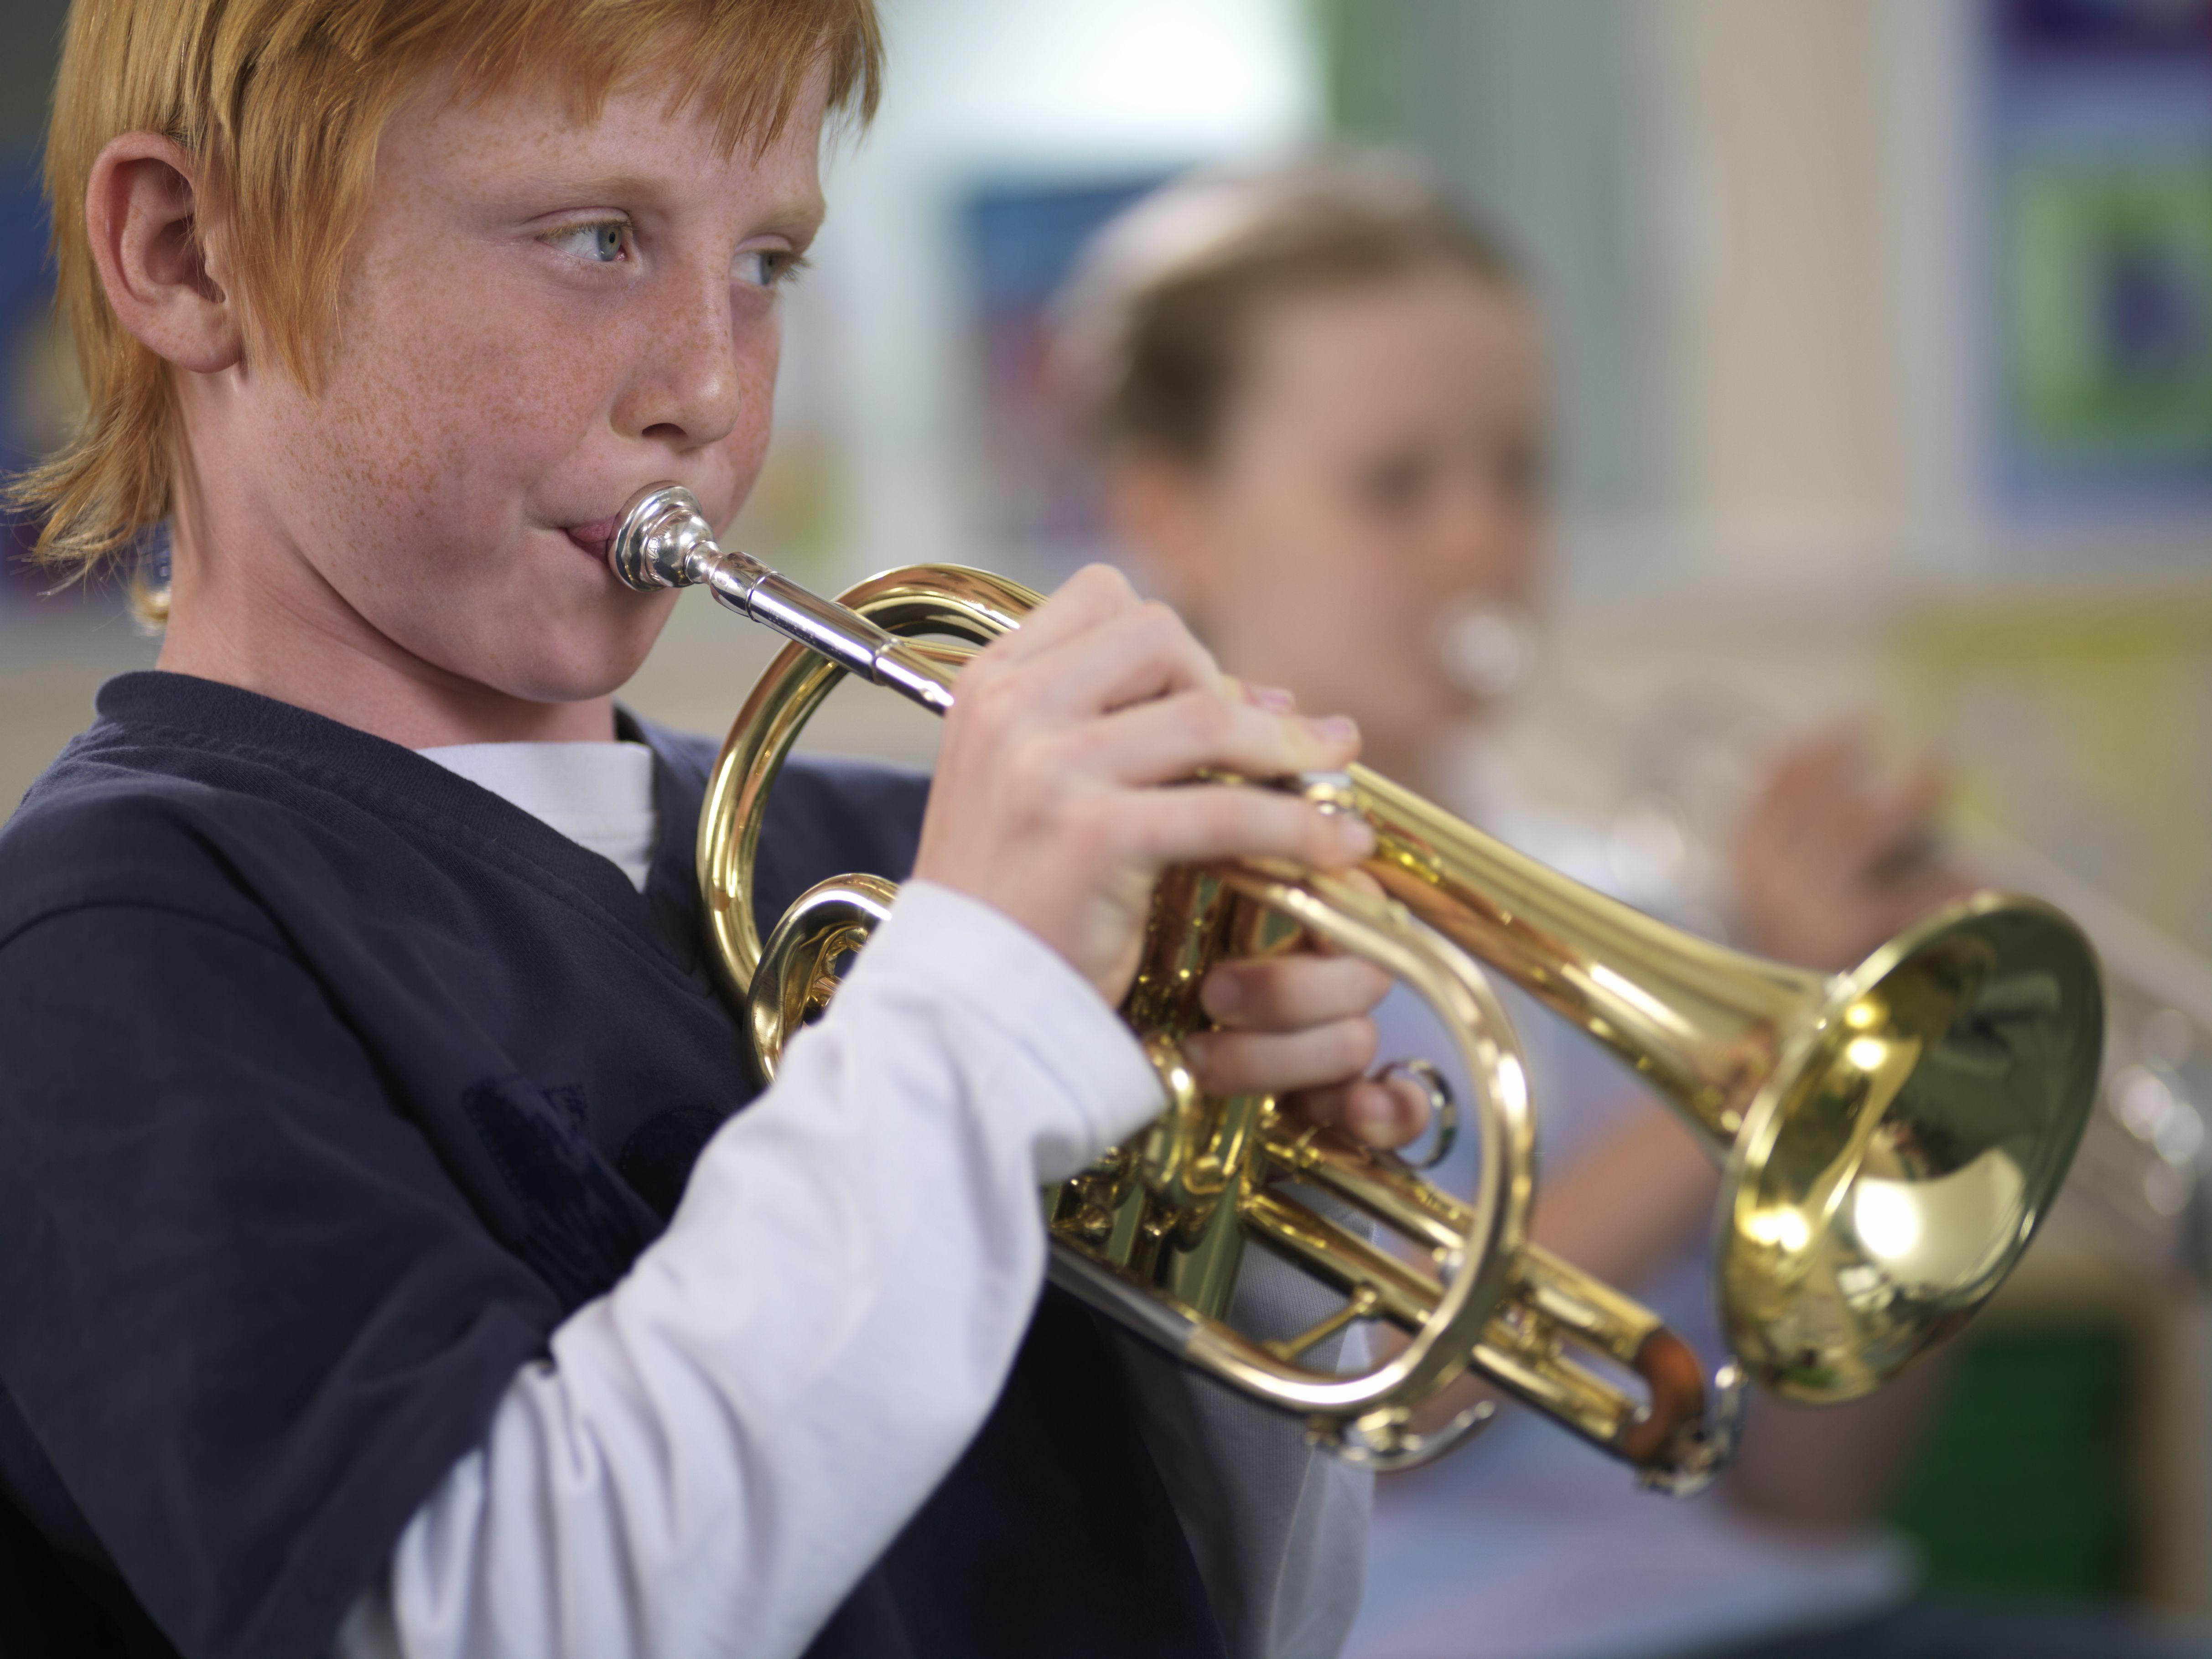 Boy Playing Cornet in Music Class